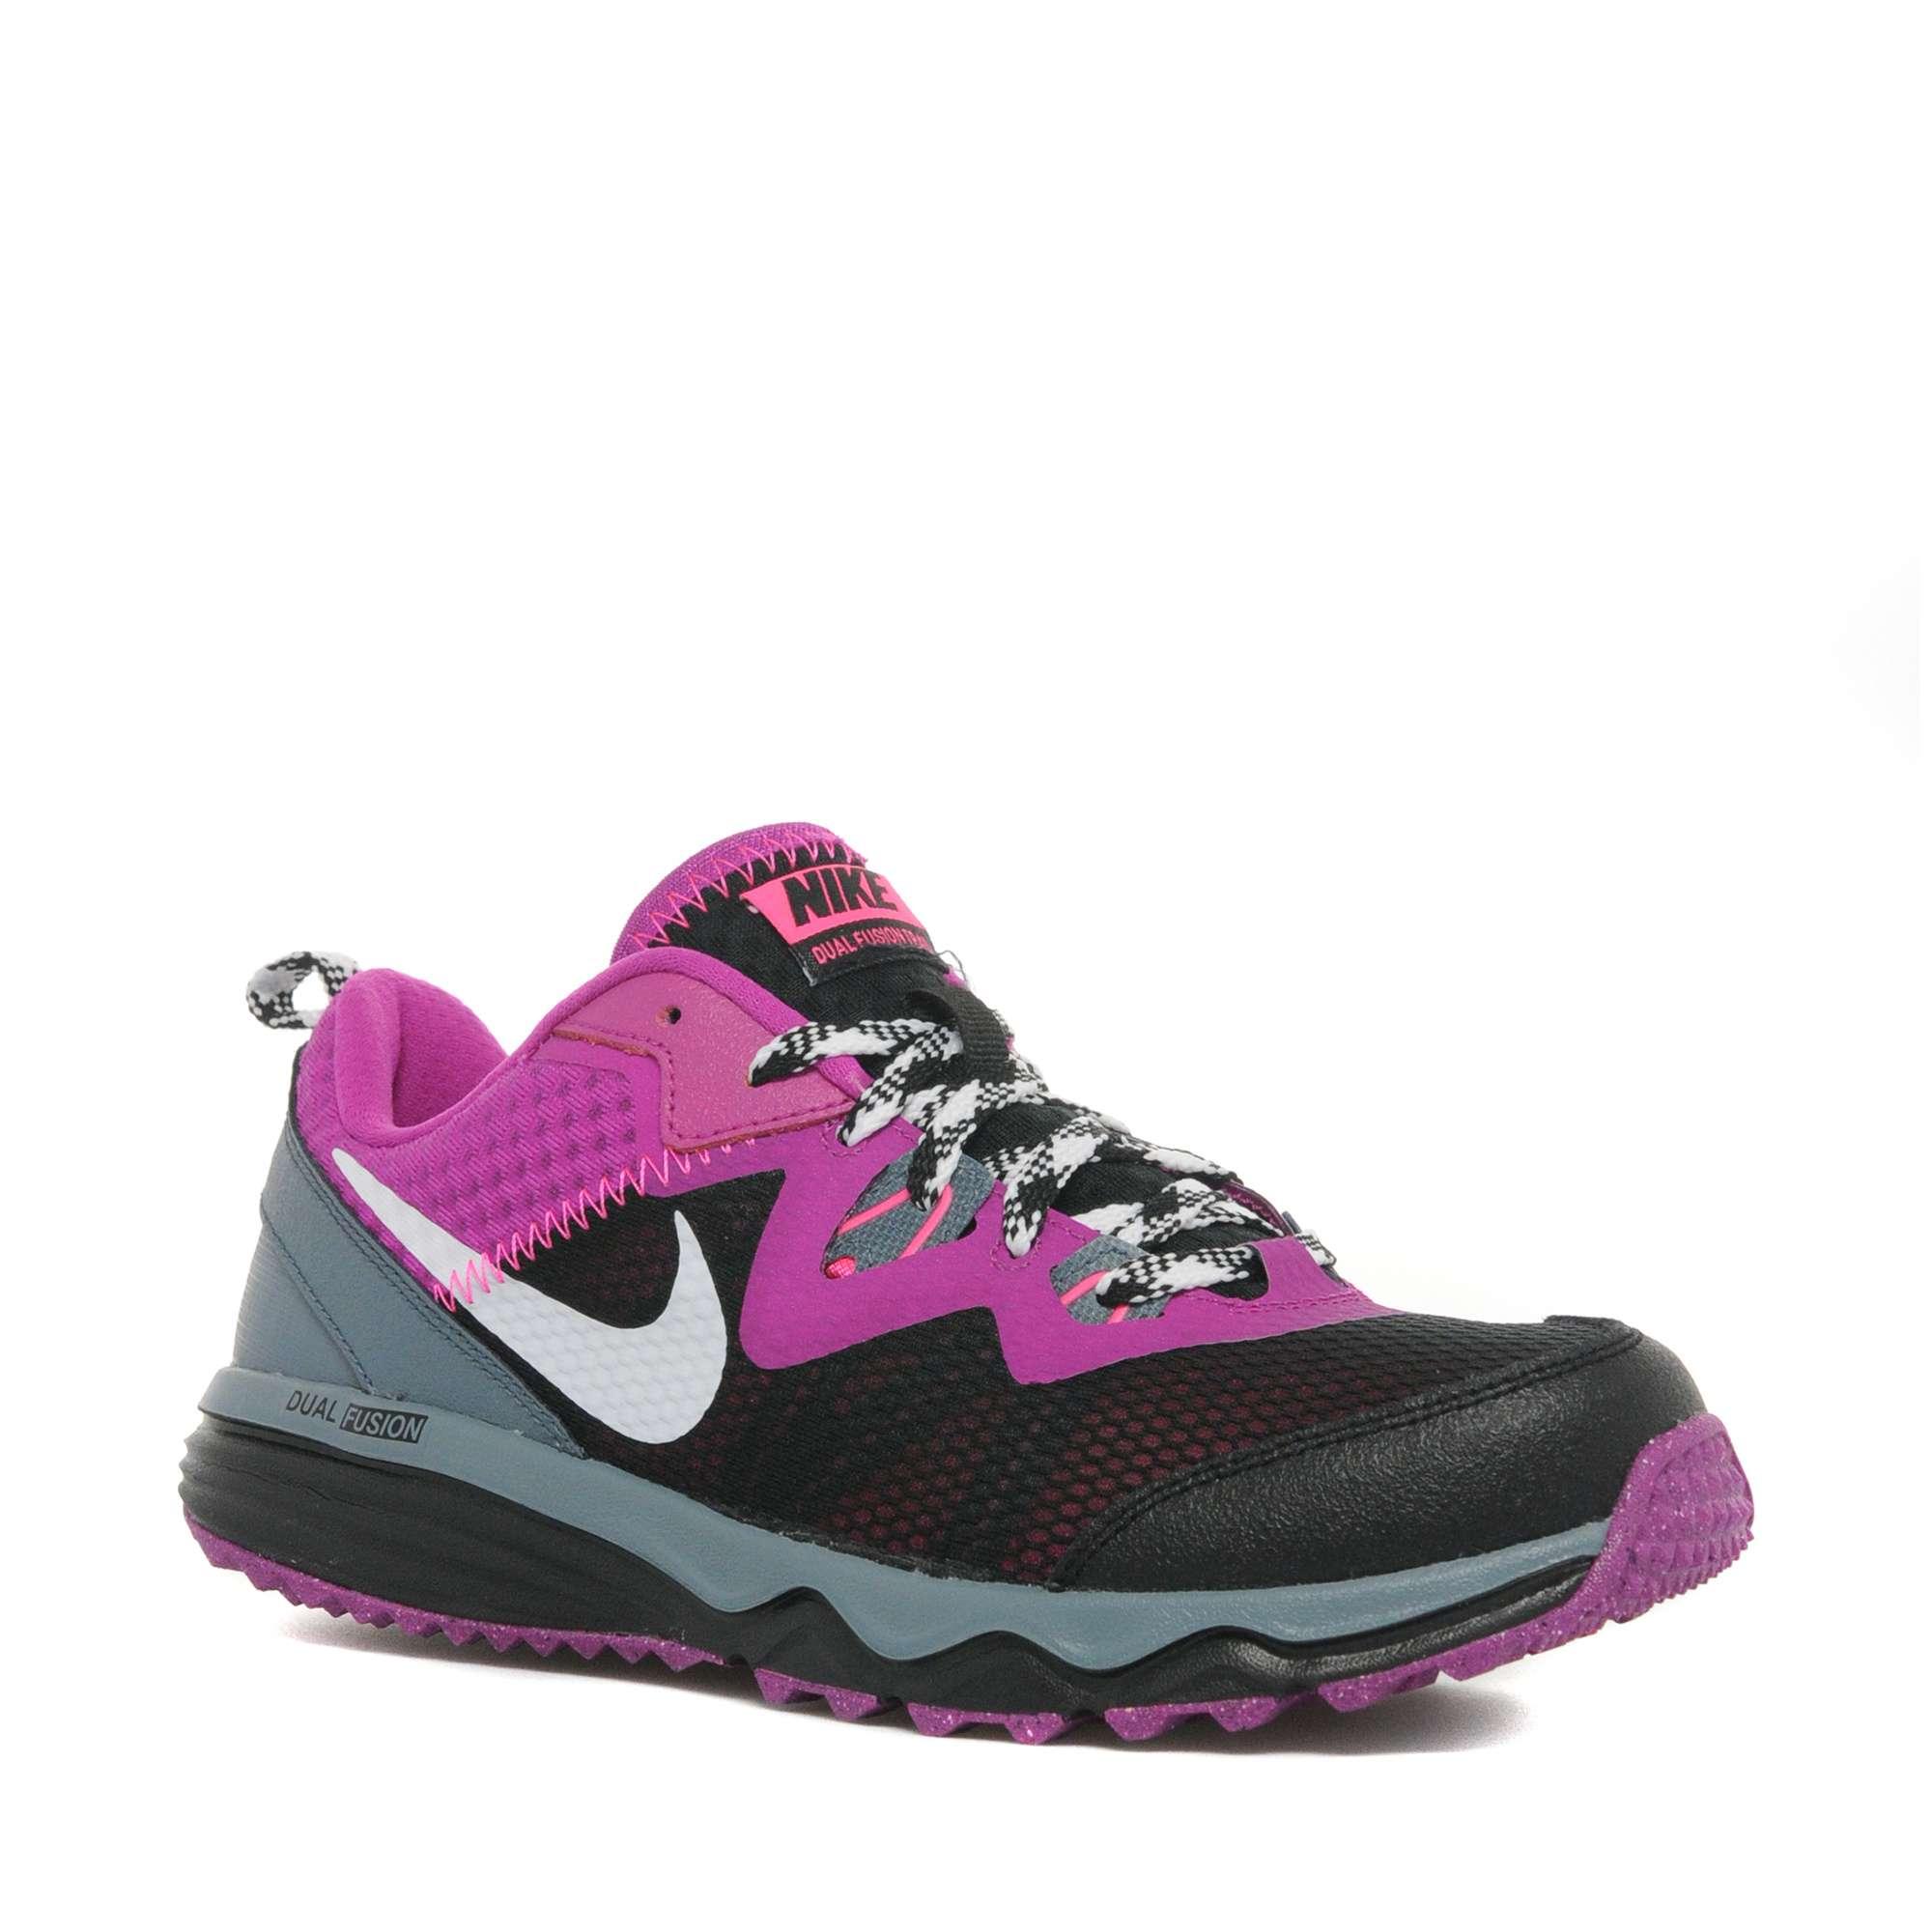 NIKE Women's Dual Fusion Trail Shoe